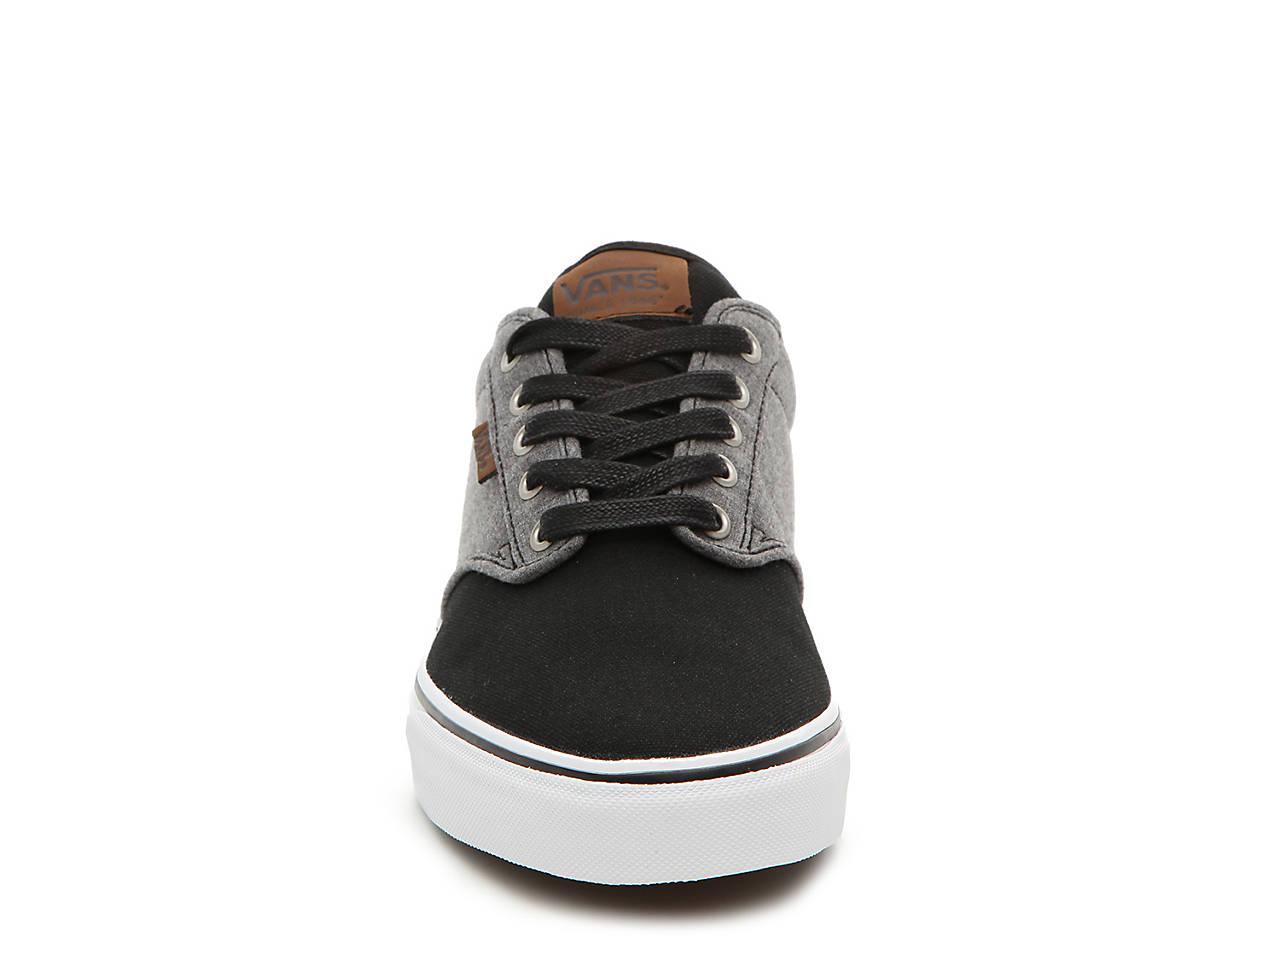 a57d8b6322 Vans Atwood Deluxe Sneaker - Men s Men s Shoes